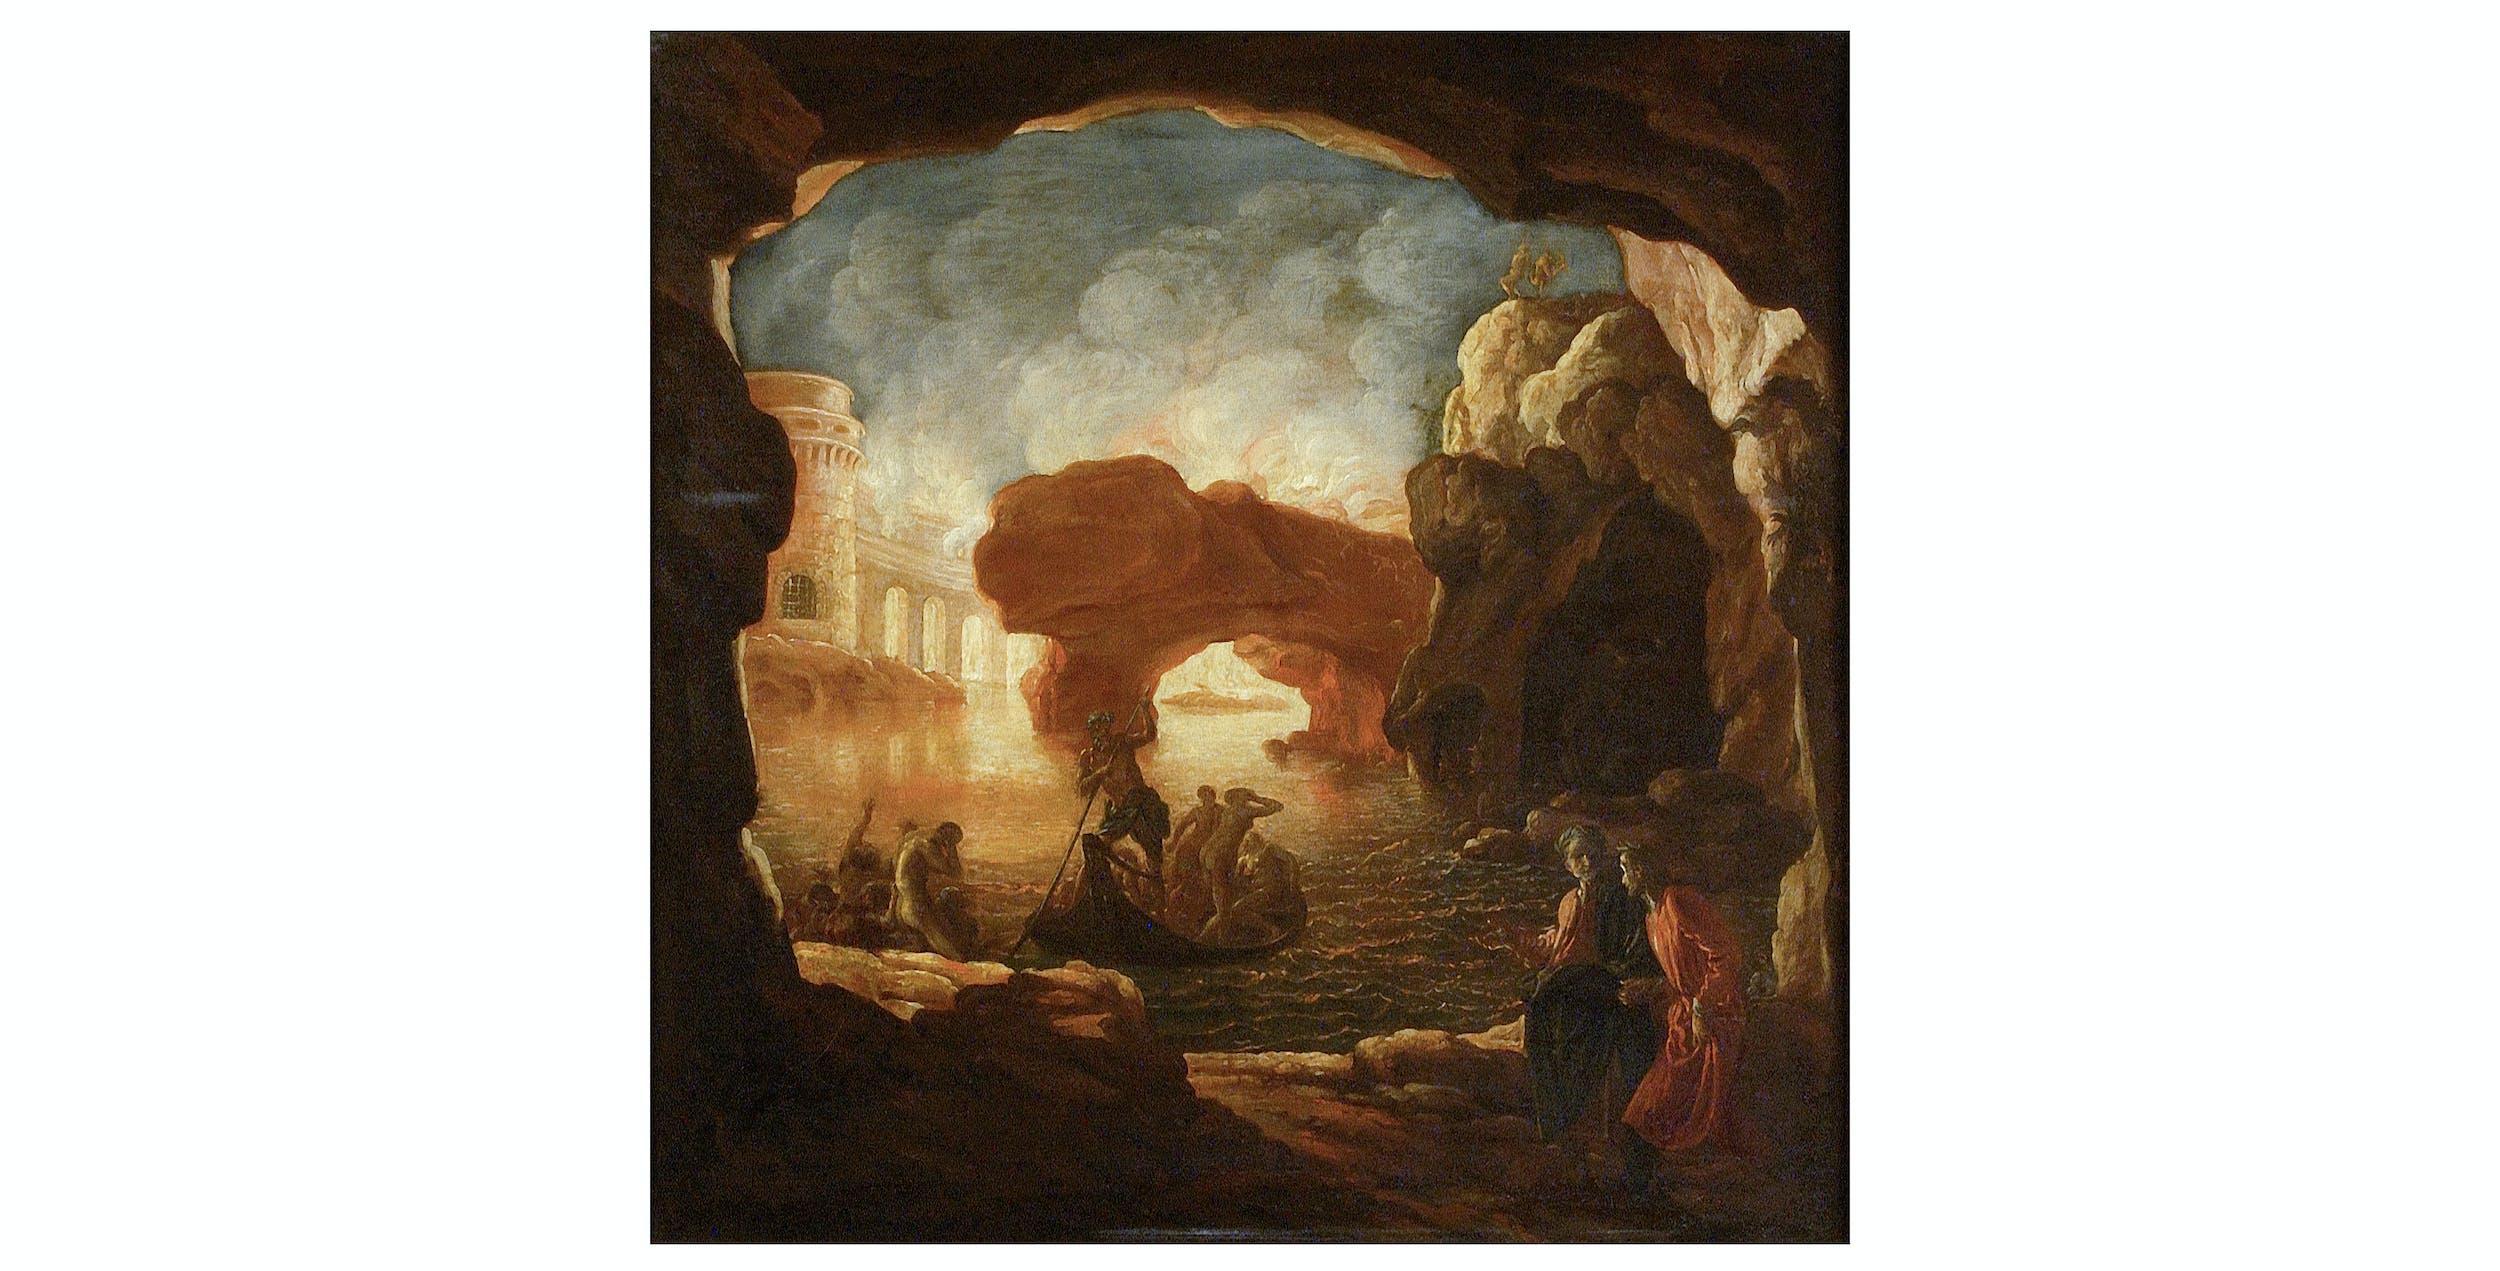 Livio Mehus, Crescenzio Onofri, Dante e Virgilio all'Inferno, Palazzo Pitti, Galleria Palatina